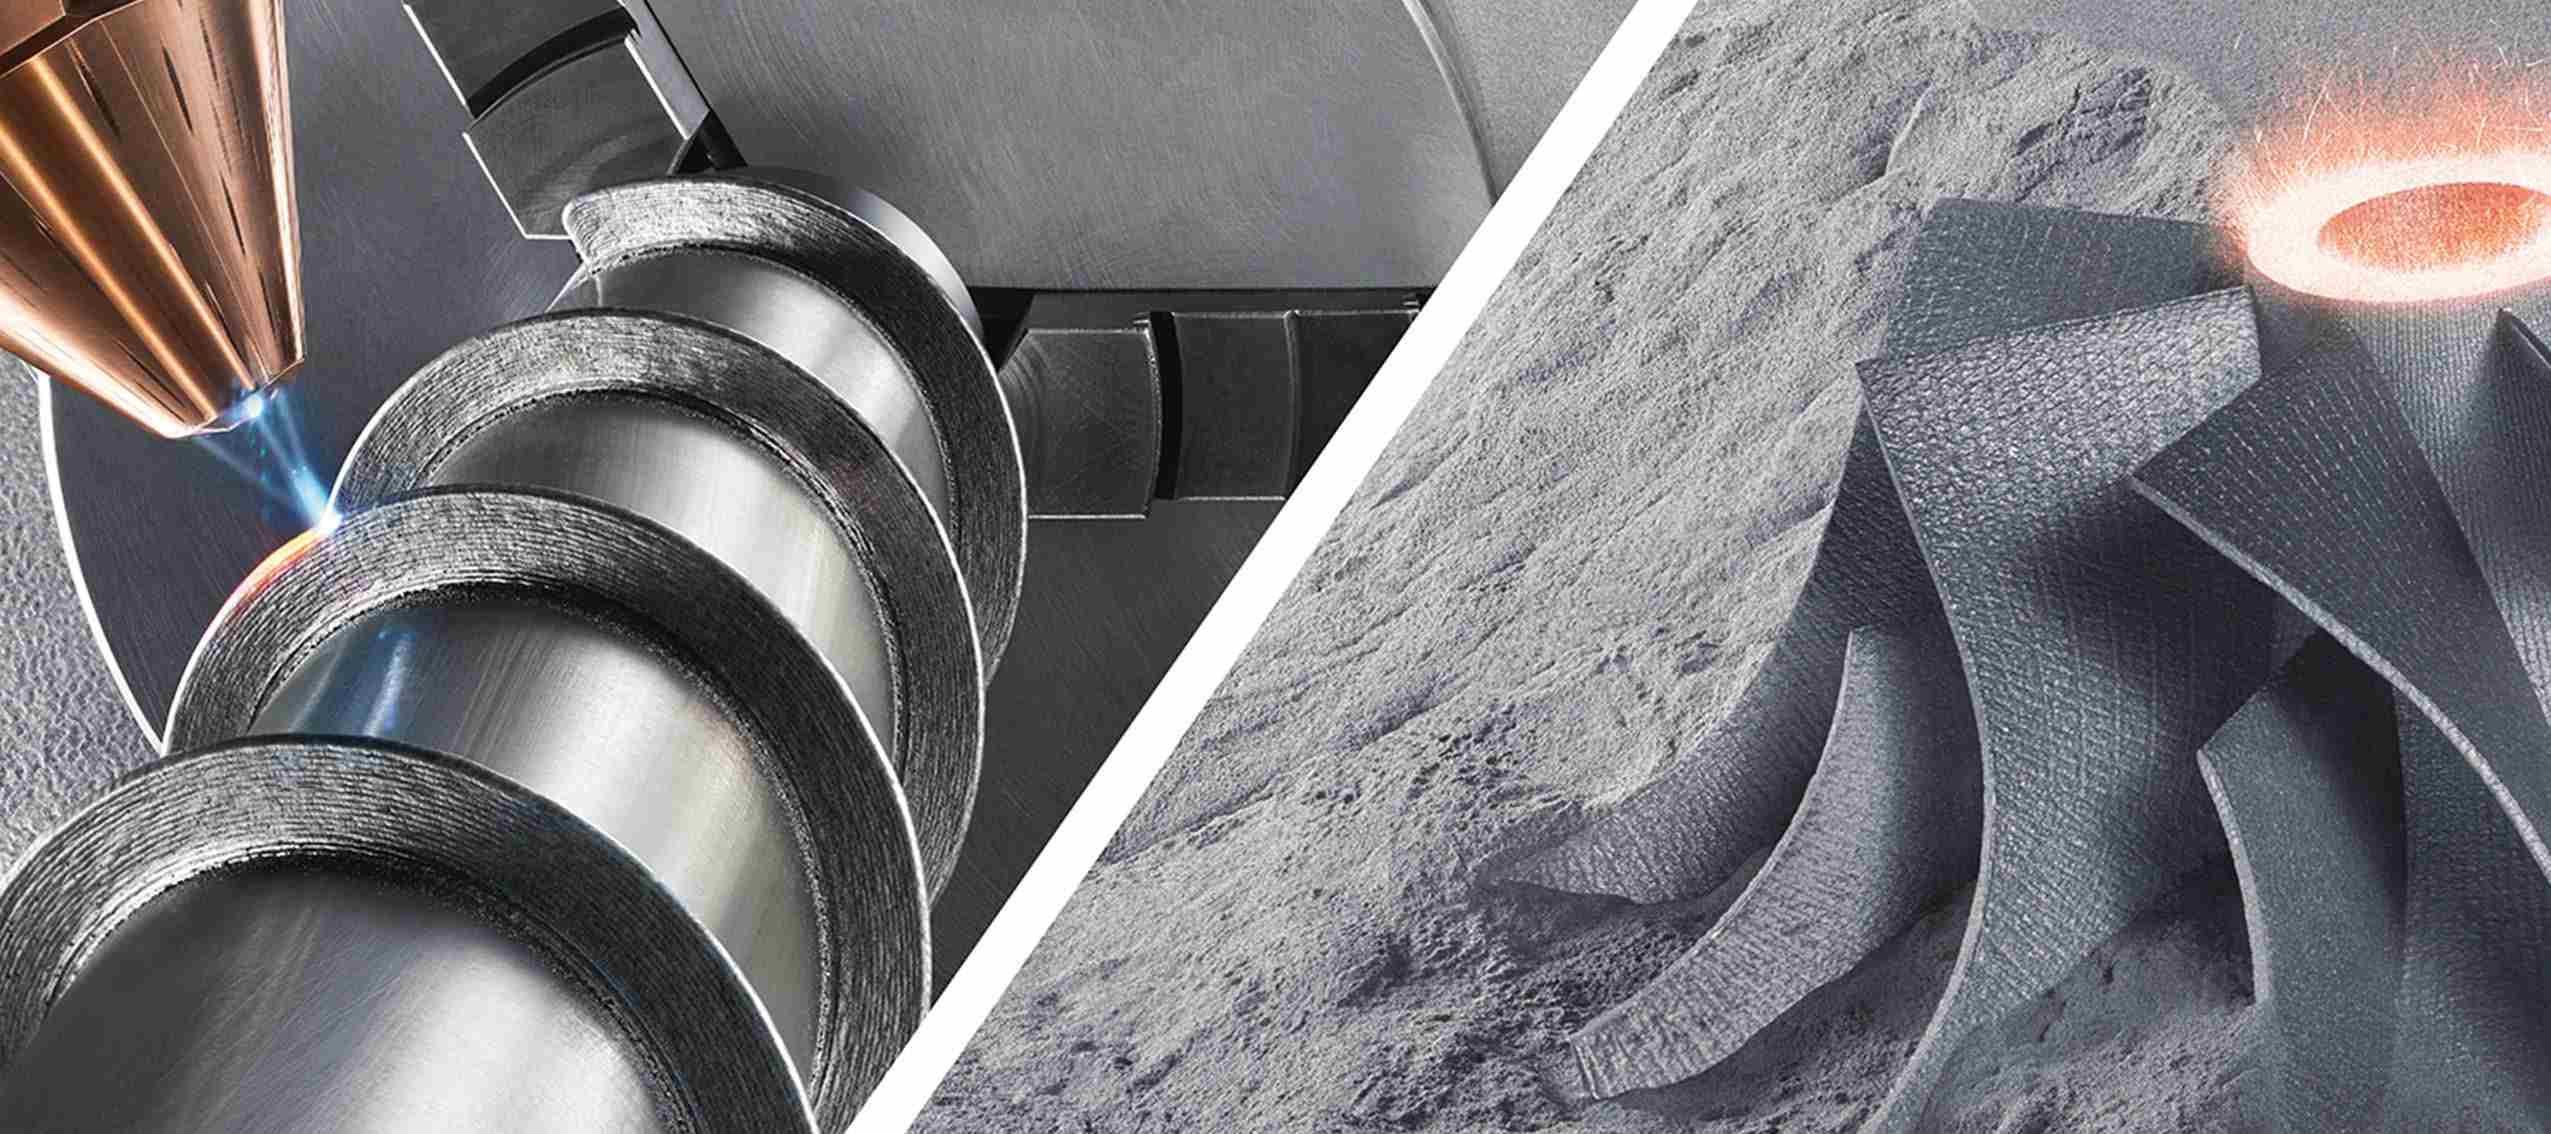 TRUMPF presenta tecnología para la impresión industrial 3D de piezas metálicas complejas